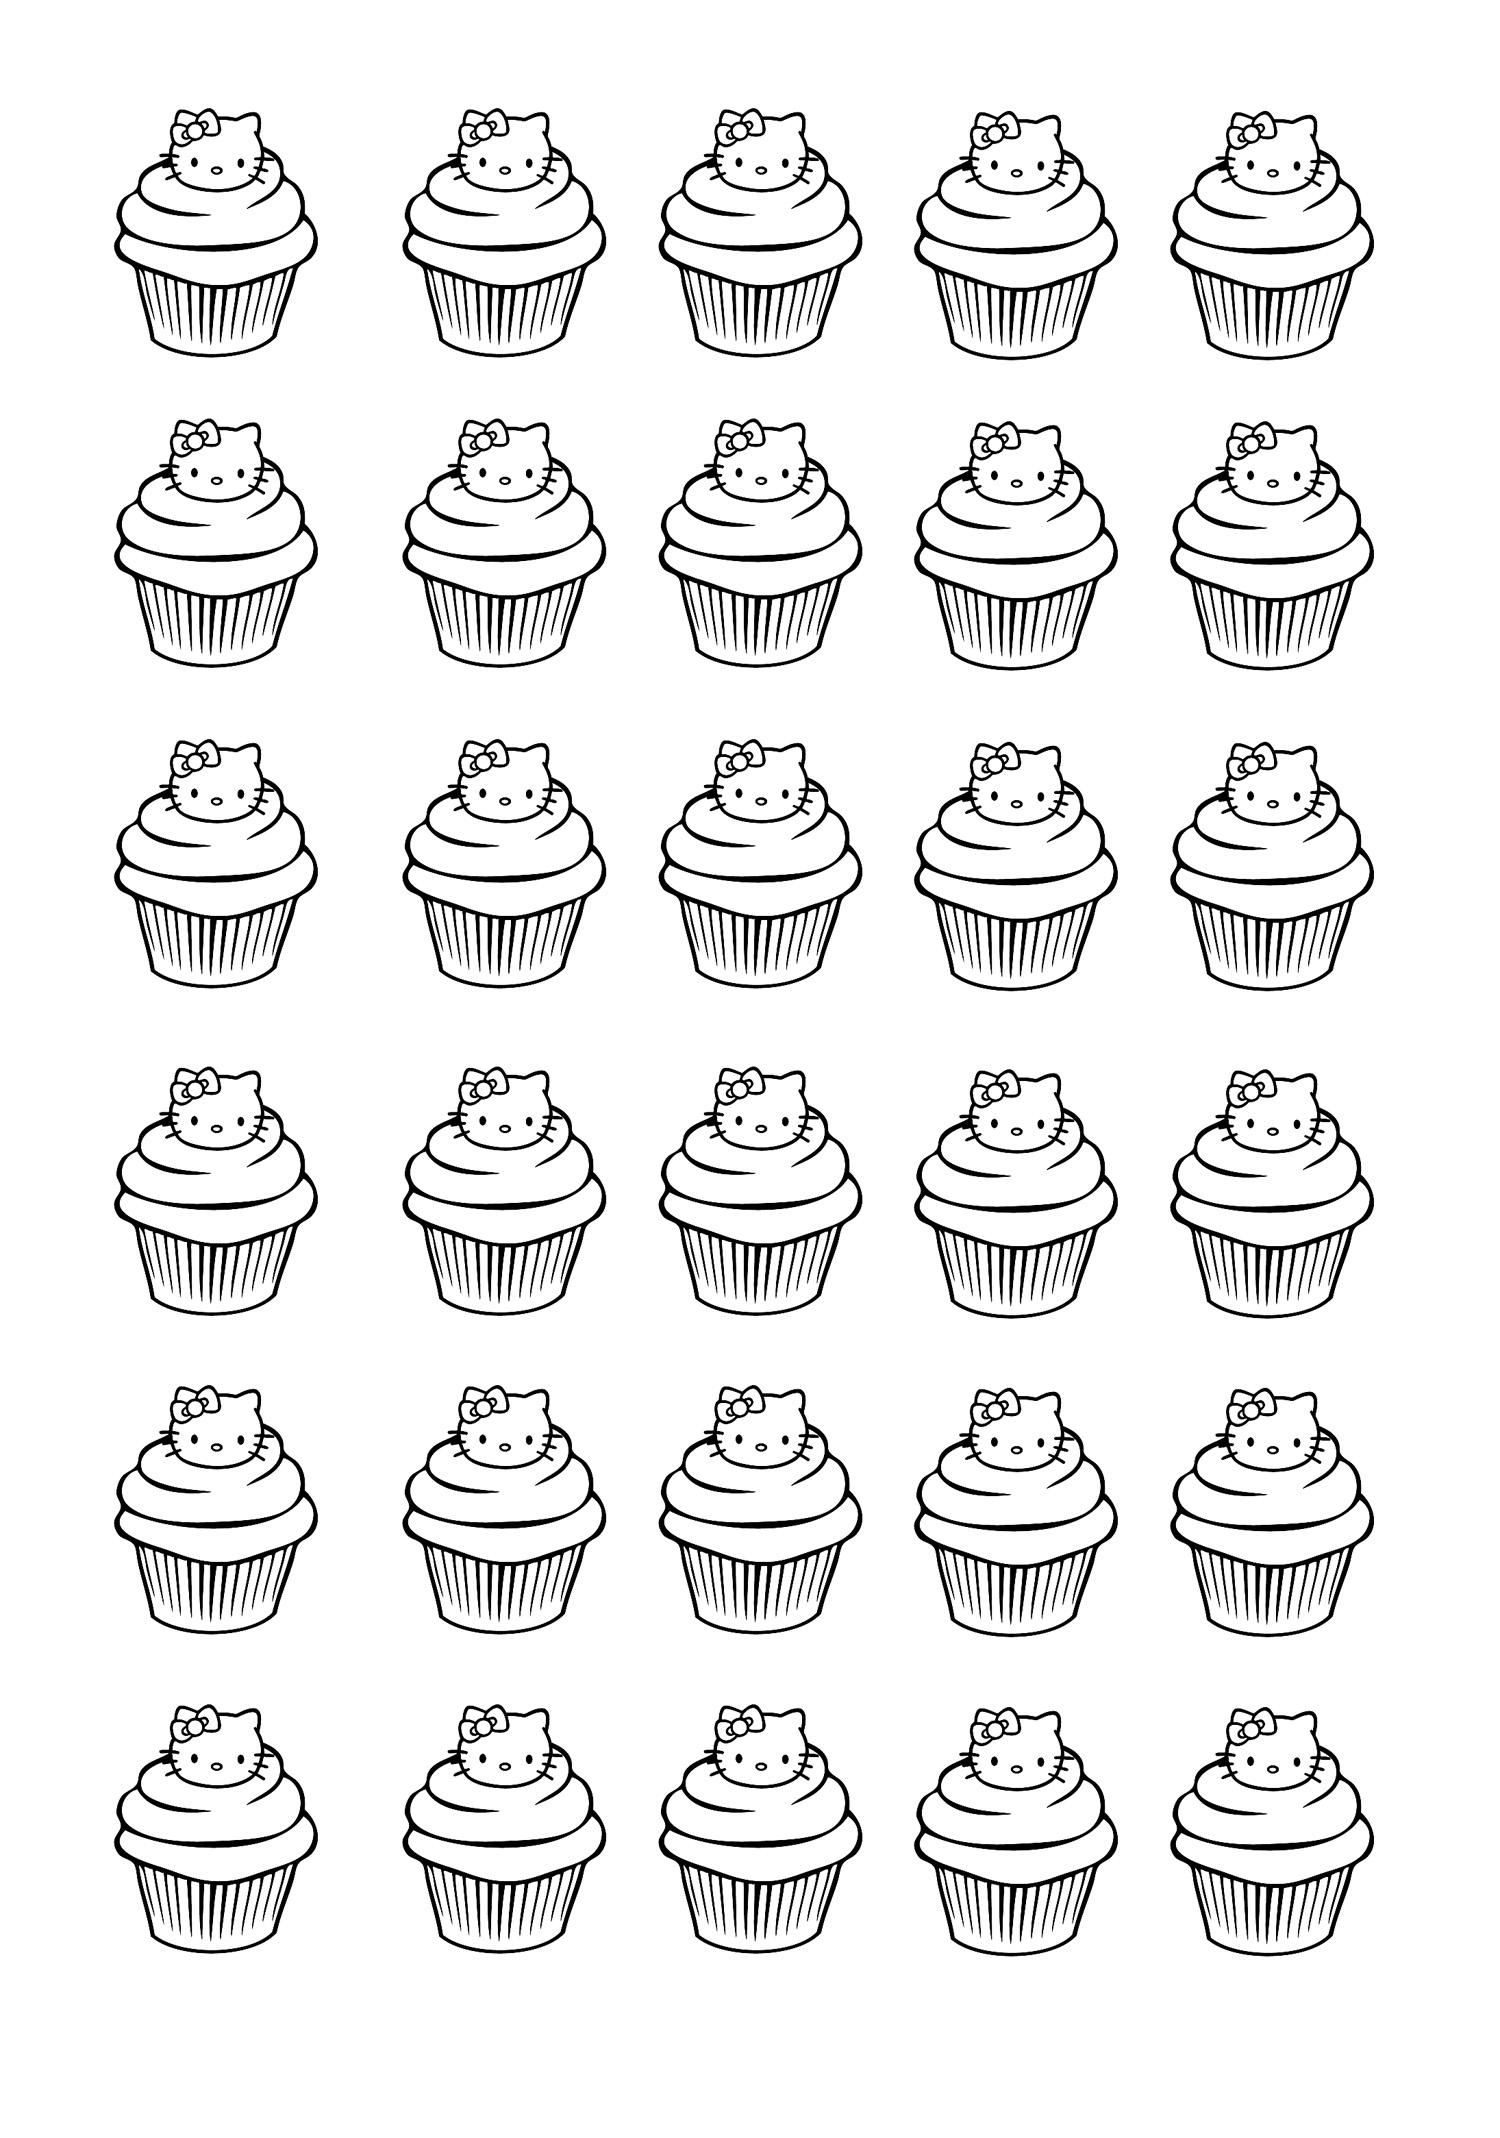 Colorear para adultos  : Cupcakes - 8